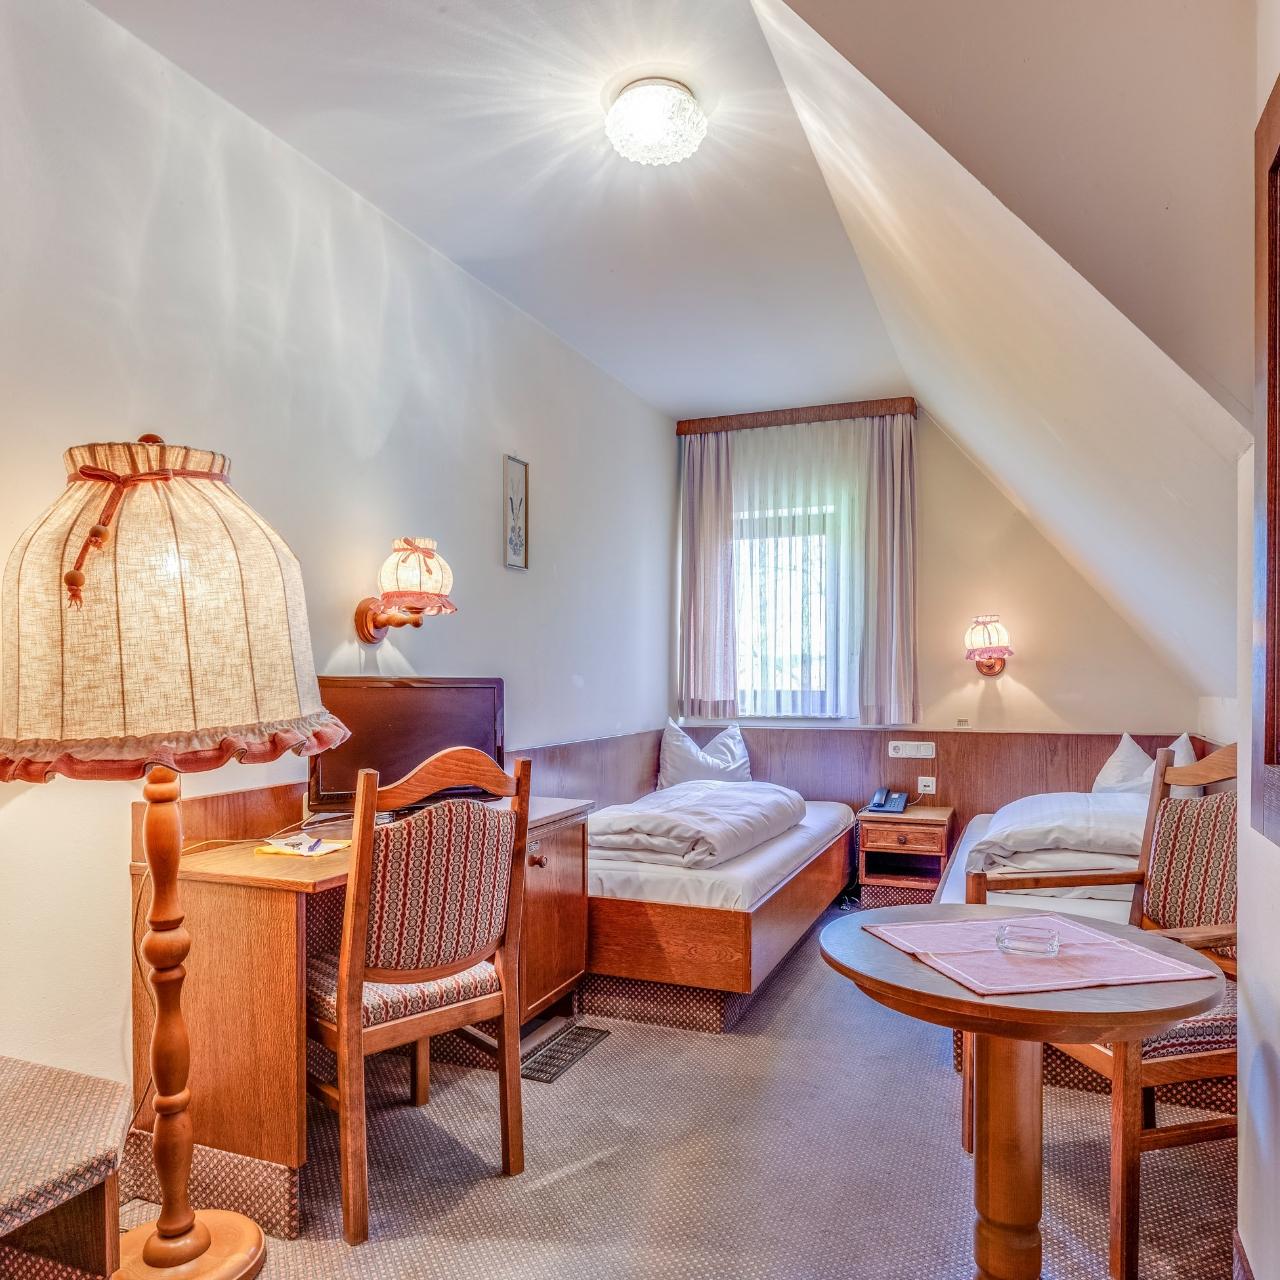 Hotel Gruner Baum Gasthof Blodel Bayern Bei Hrs Gunstig Buchen